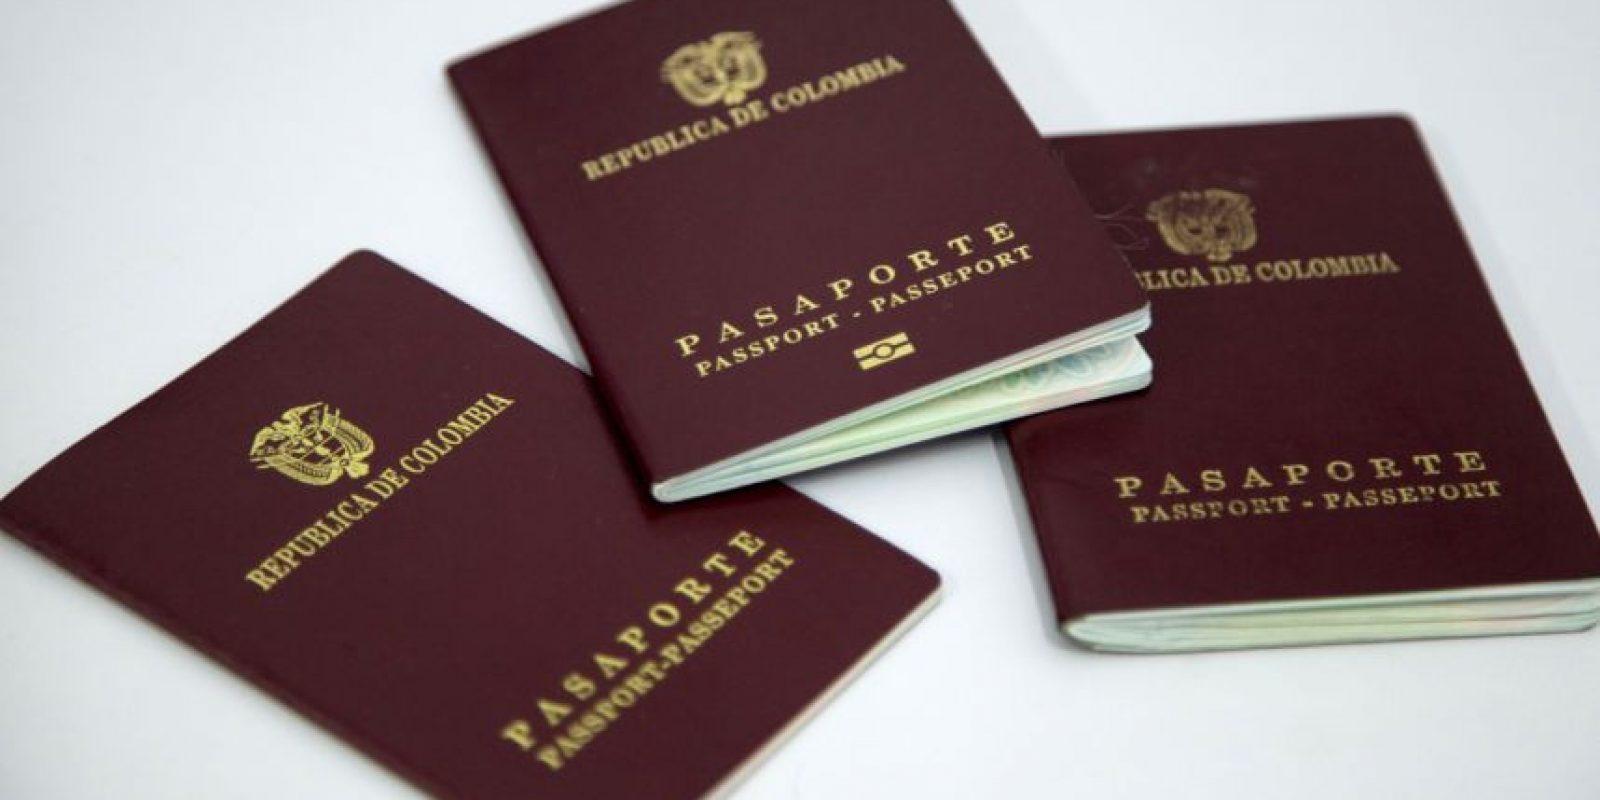 Fotos urgentes para pasaporte df domingo